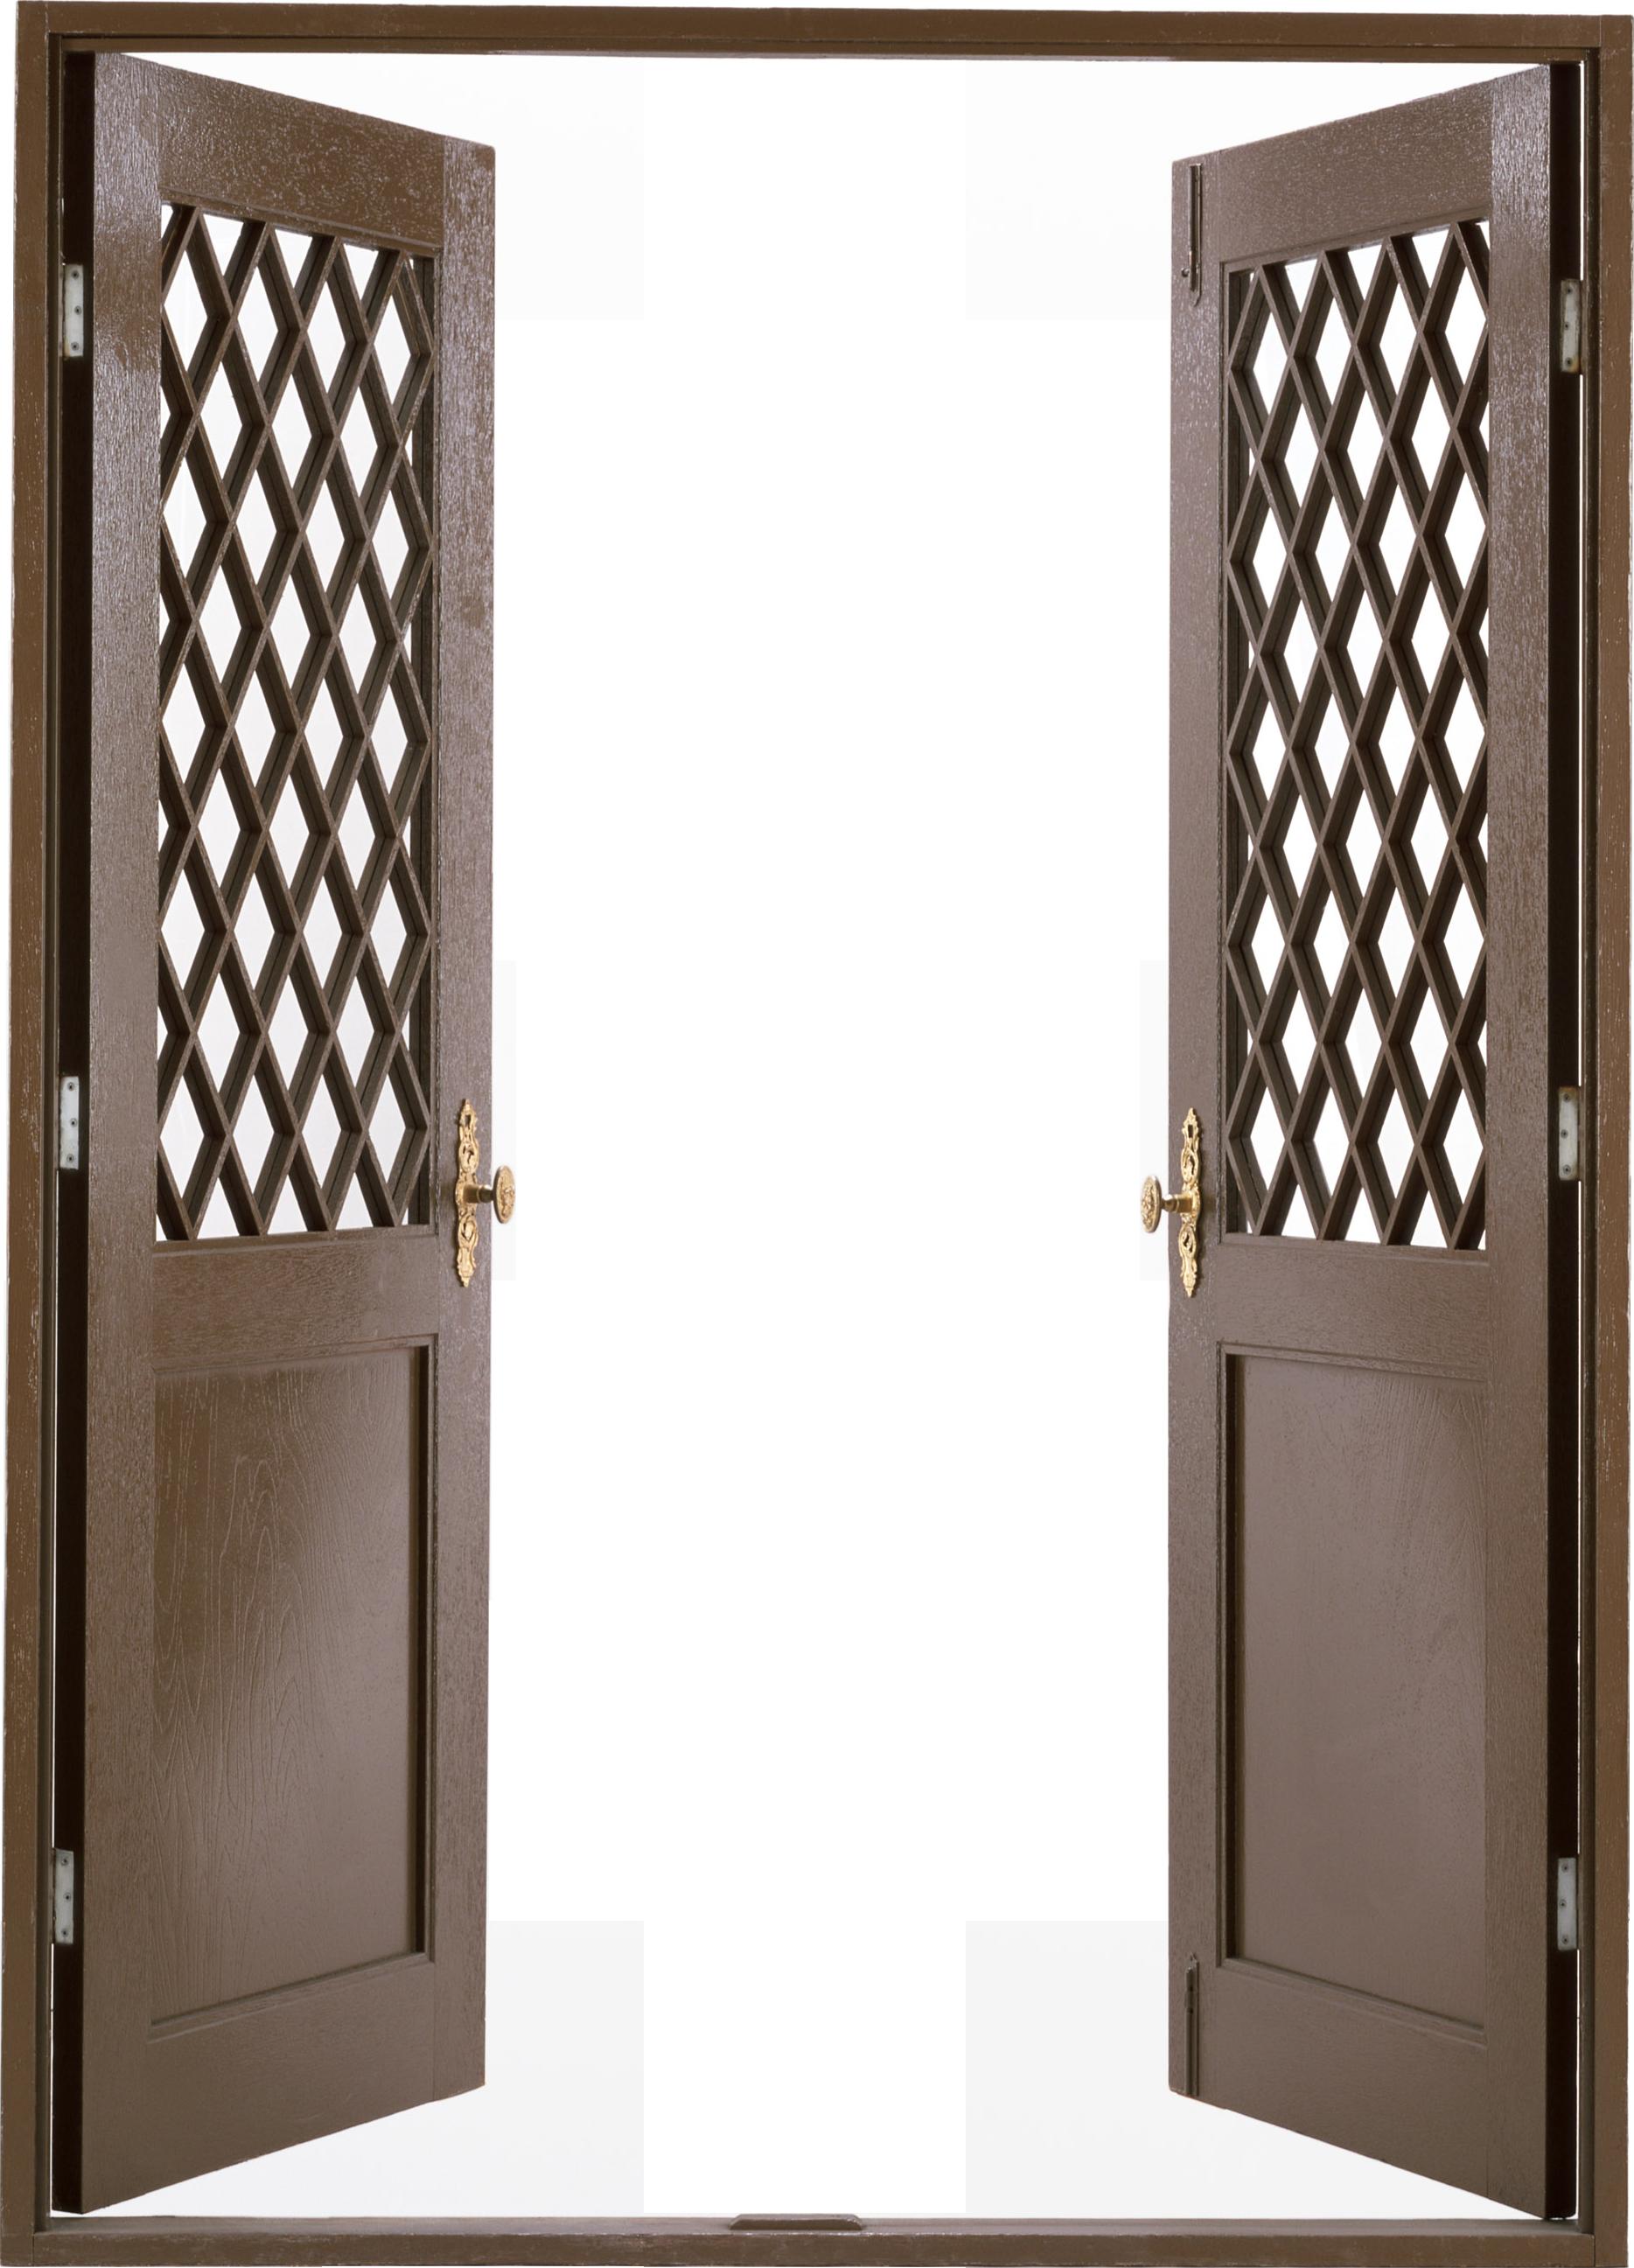 Door clipart doorway. Png images wood open